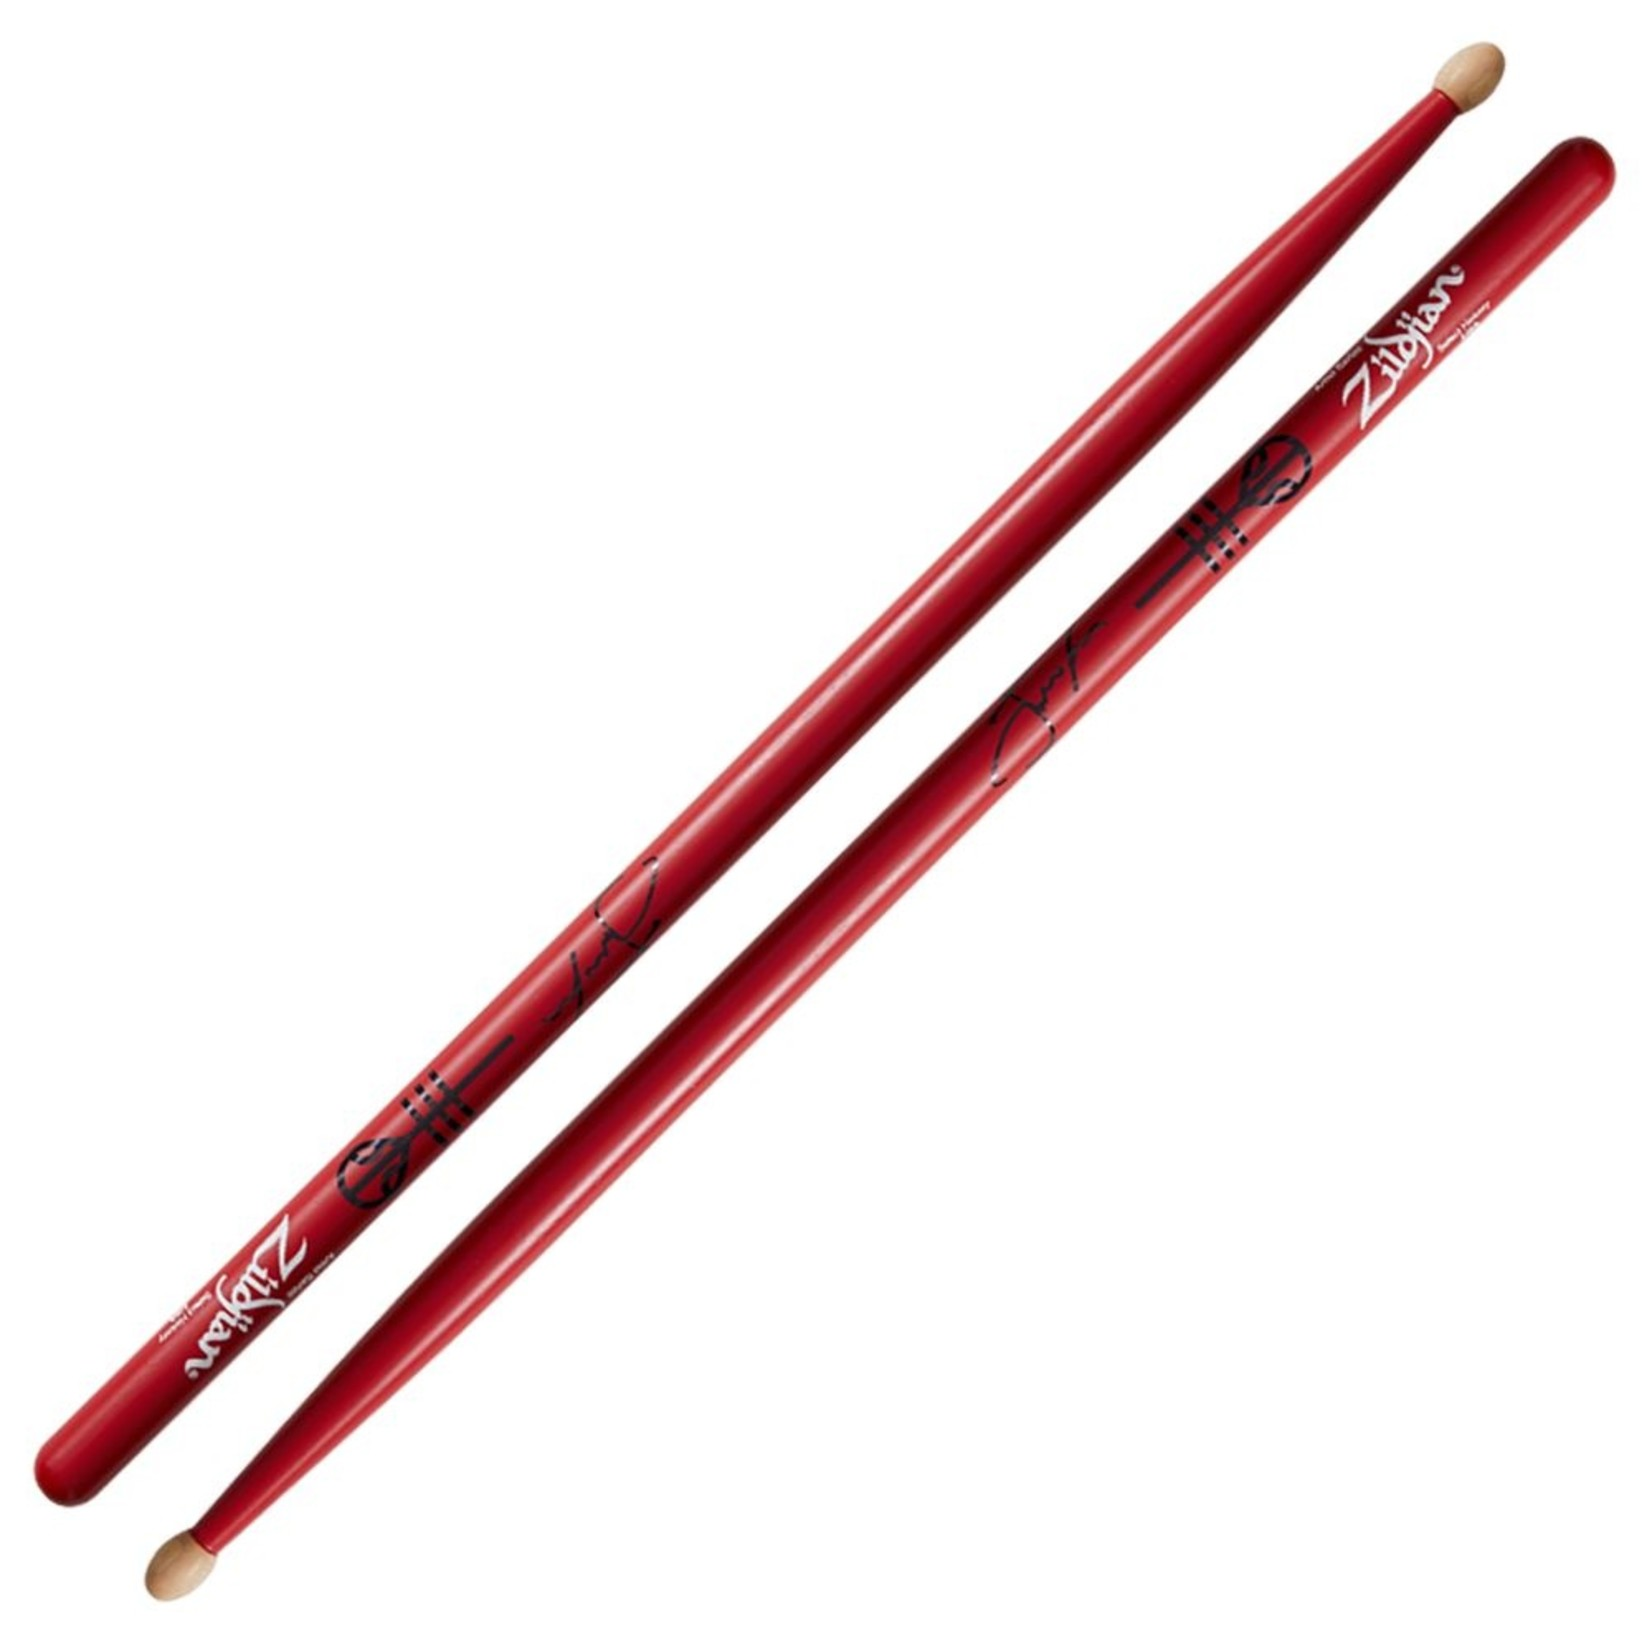 Zildjian Zildjian Josh Dun Artist Series Drumsticks